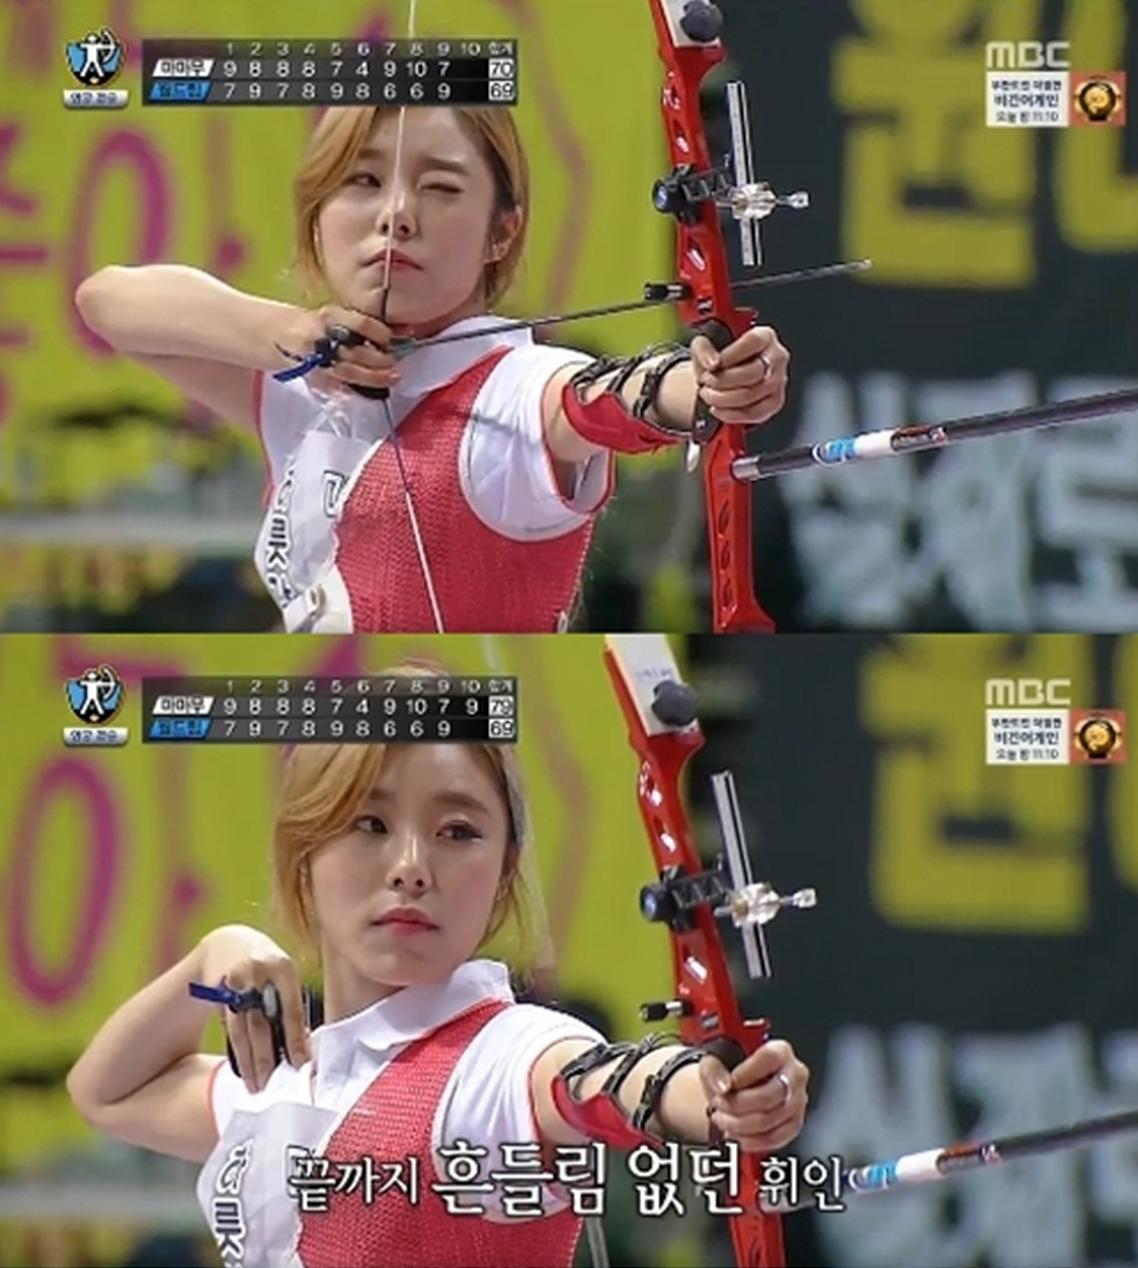 wheein archery